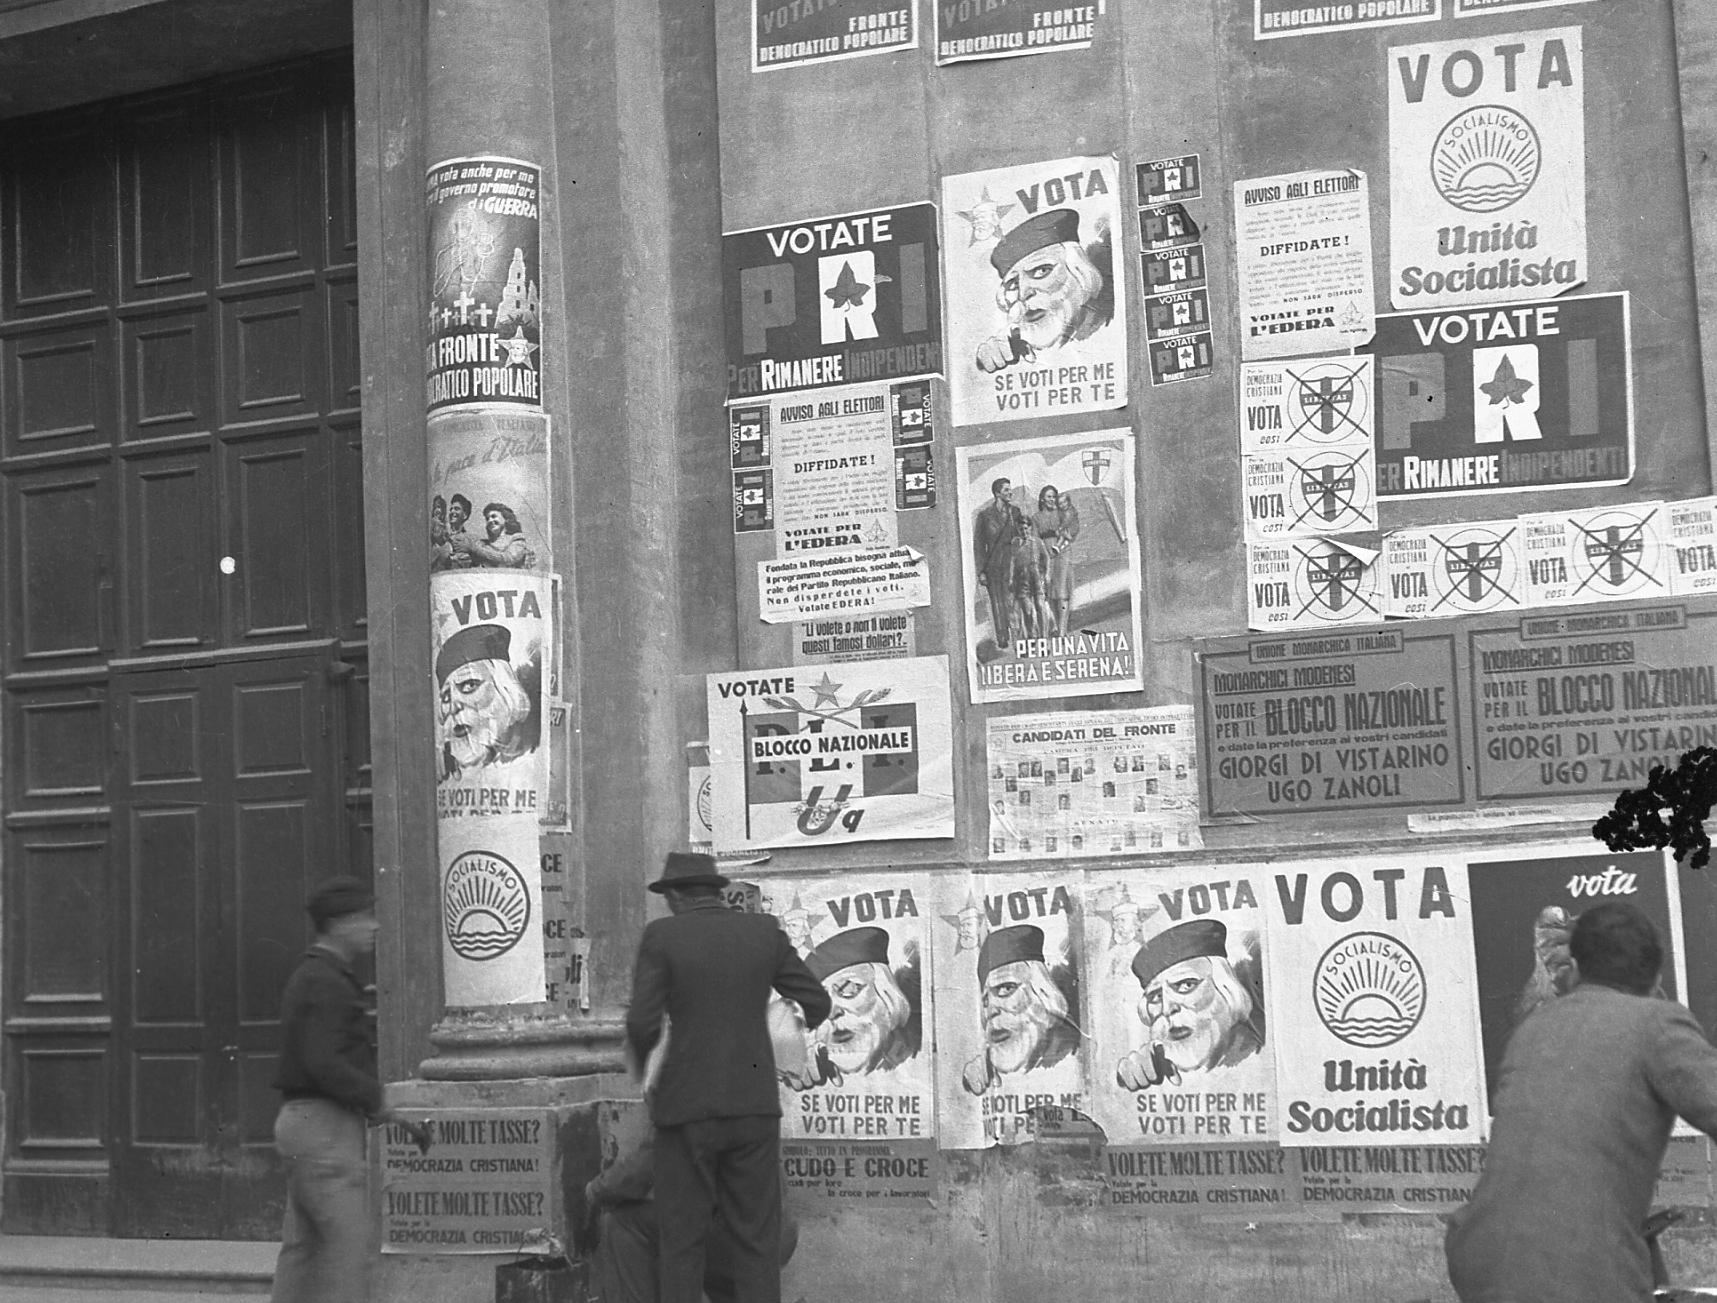 18 aprile 1948. Foto tratta dal fondo fotografico di Giuseppe Simonini